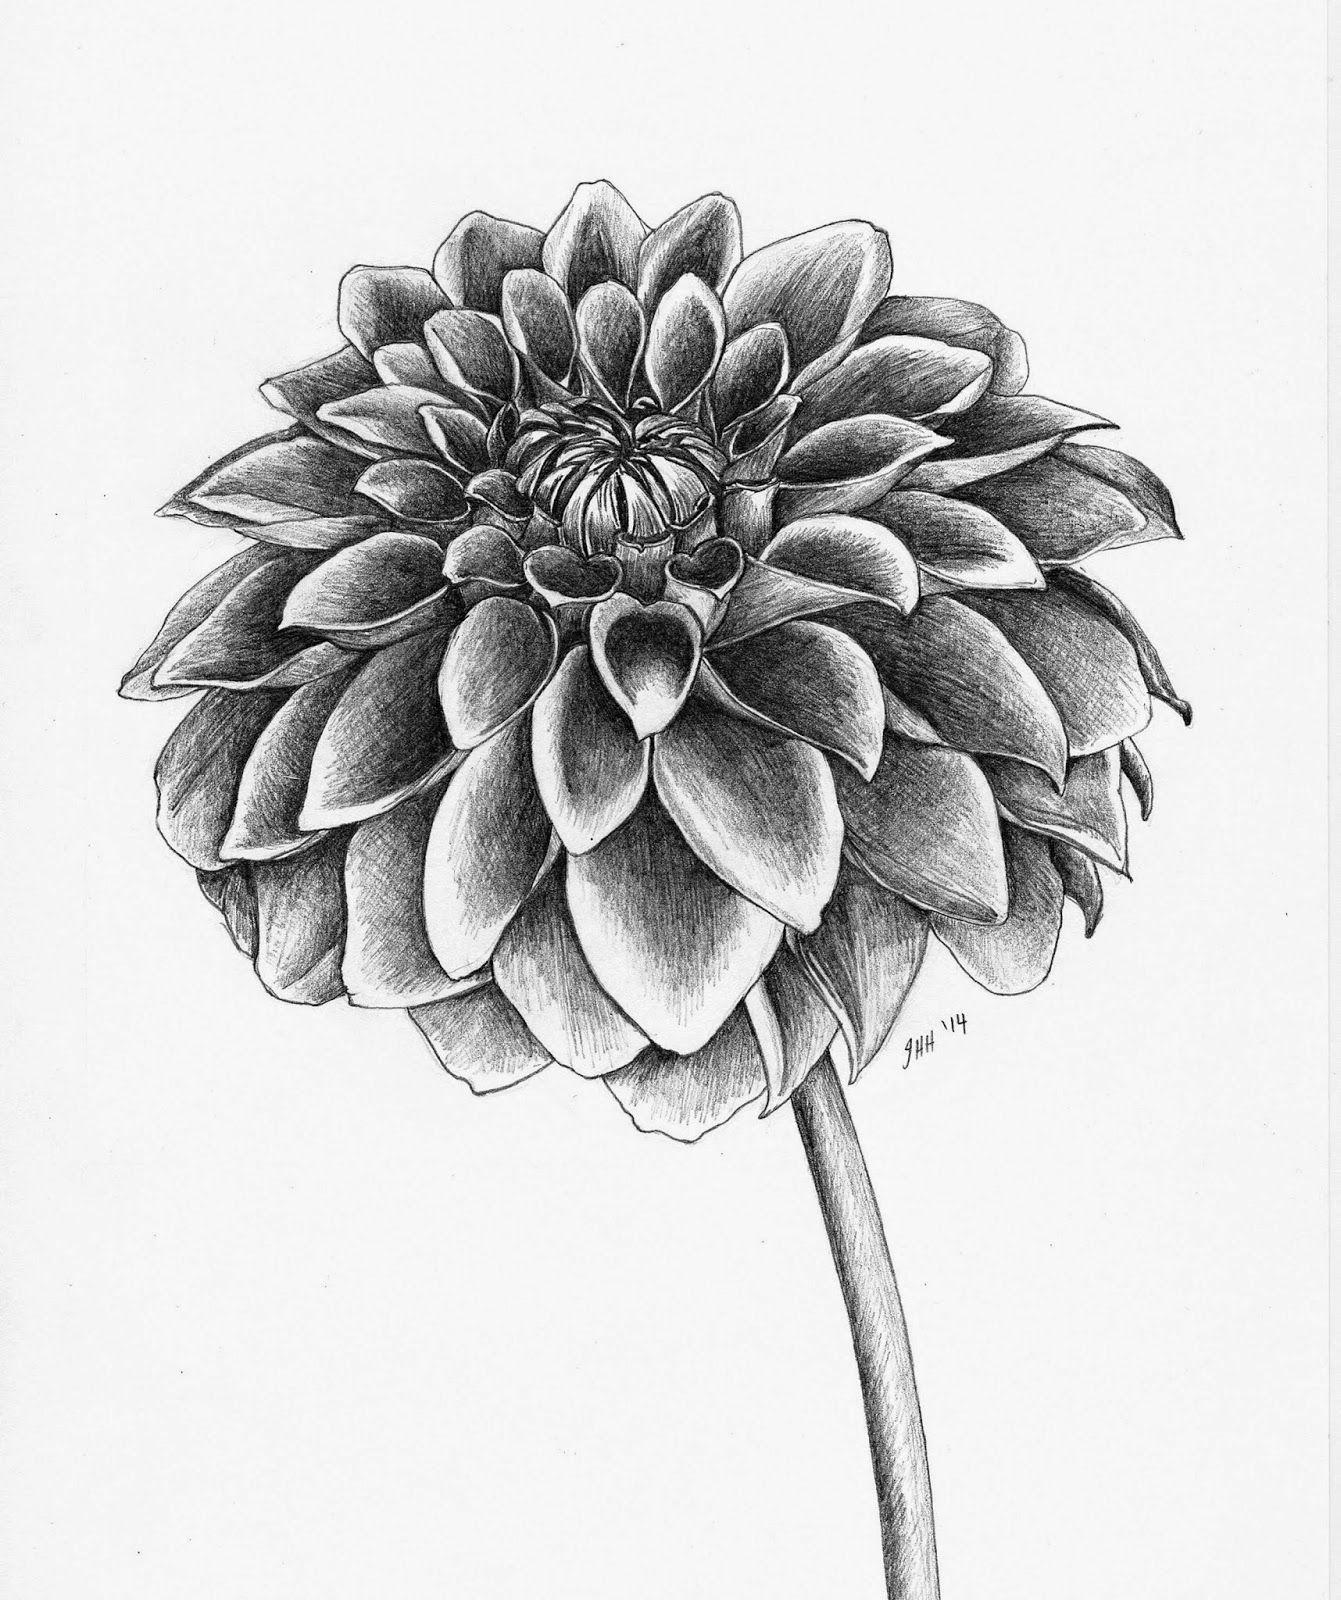 Dahlia plant drawing